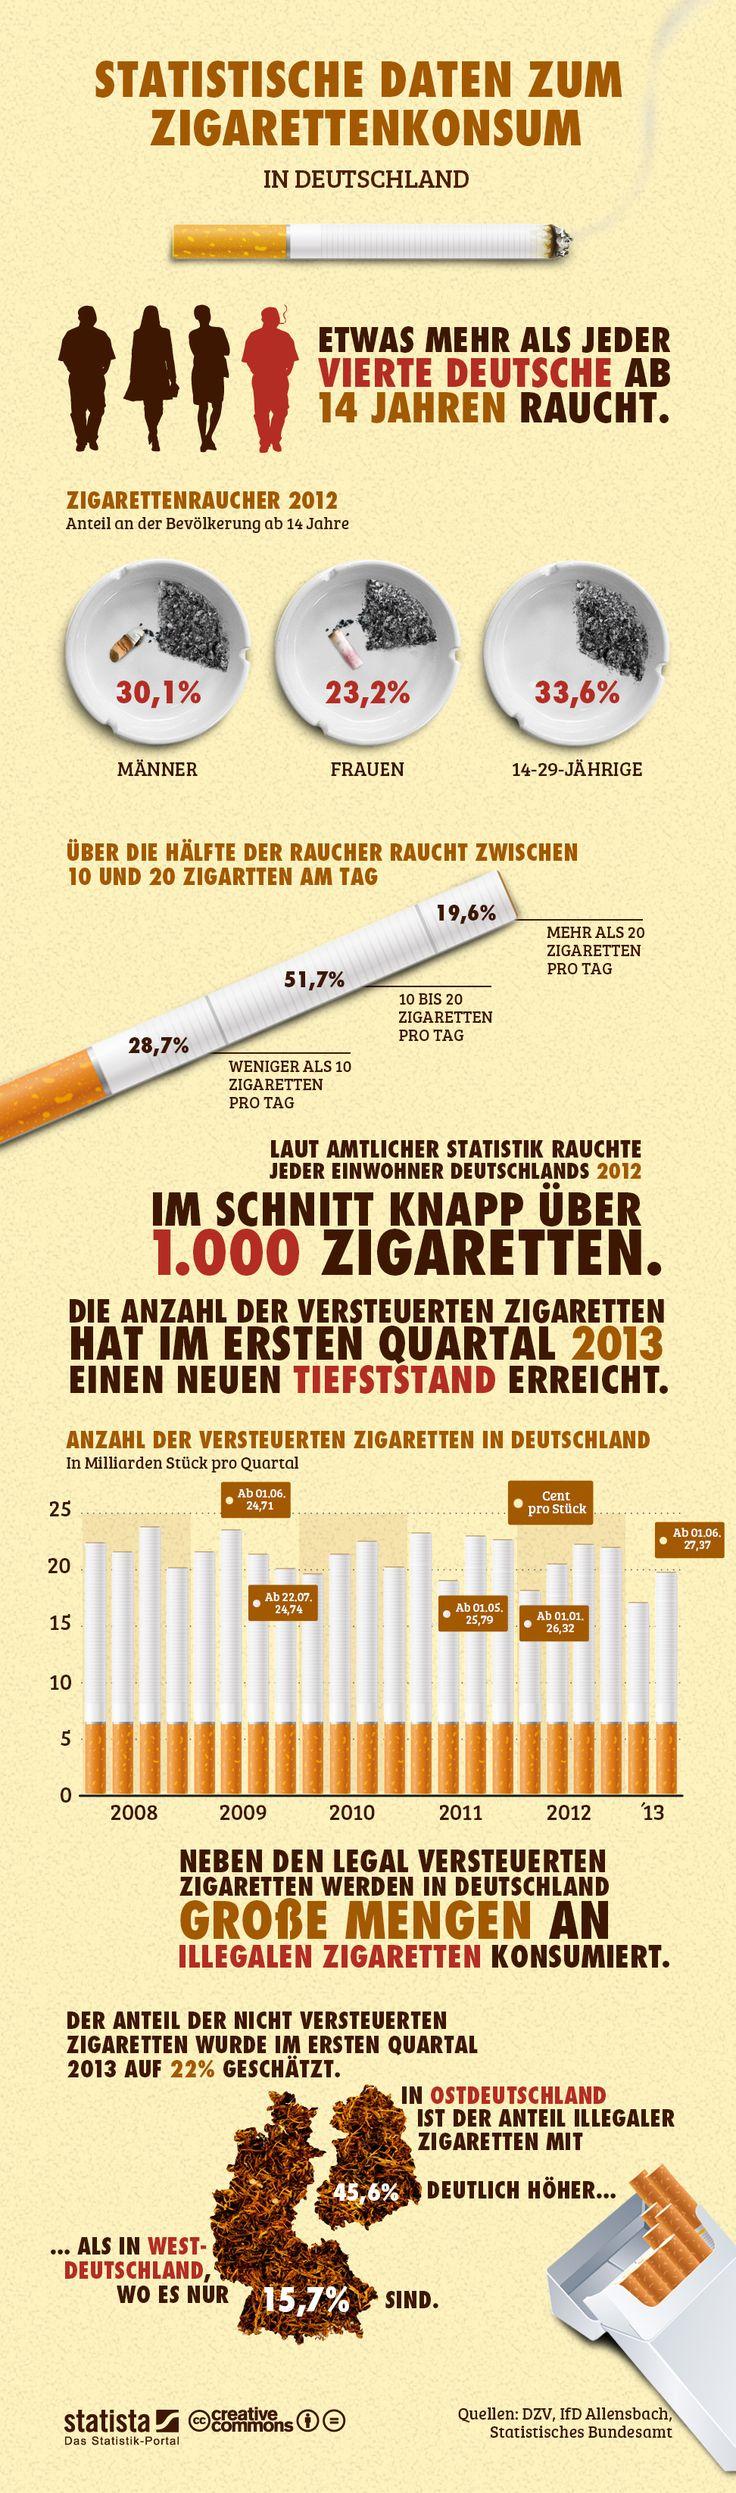 Infografik: Zigaretten  Die Grafik zeigt eine Auswahl von statistischen Daten zum Zigarettenkonsum in Deutschland. #statista #infografik